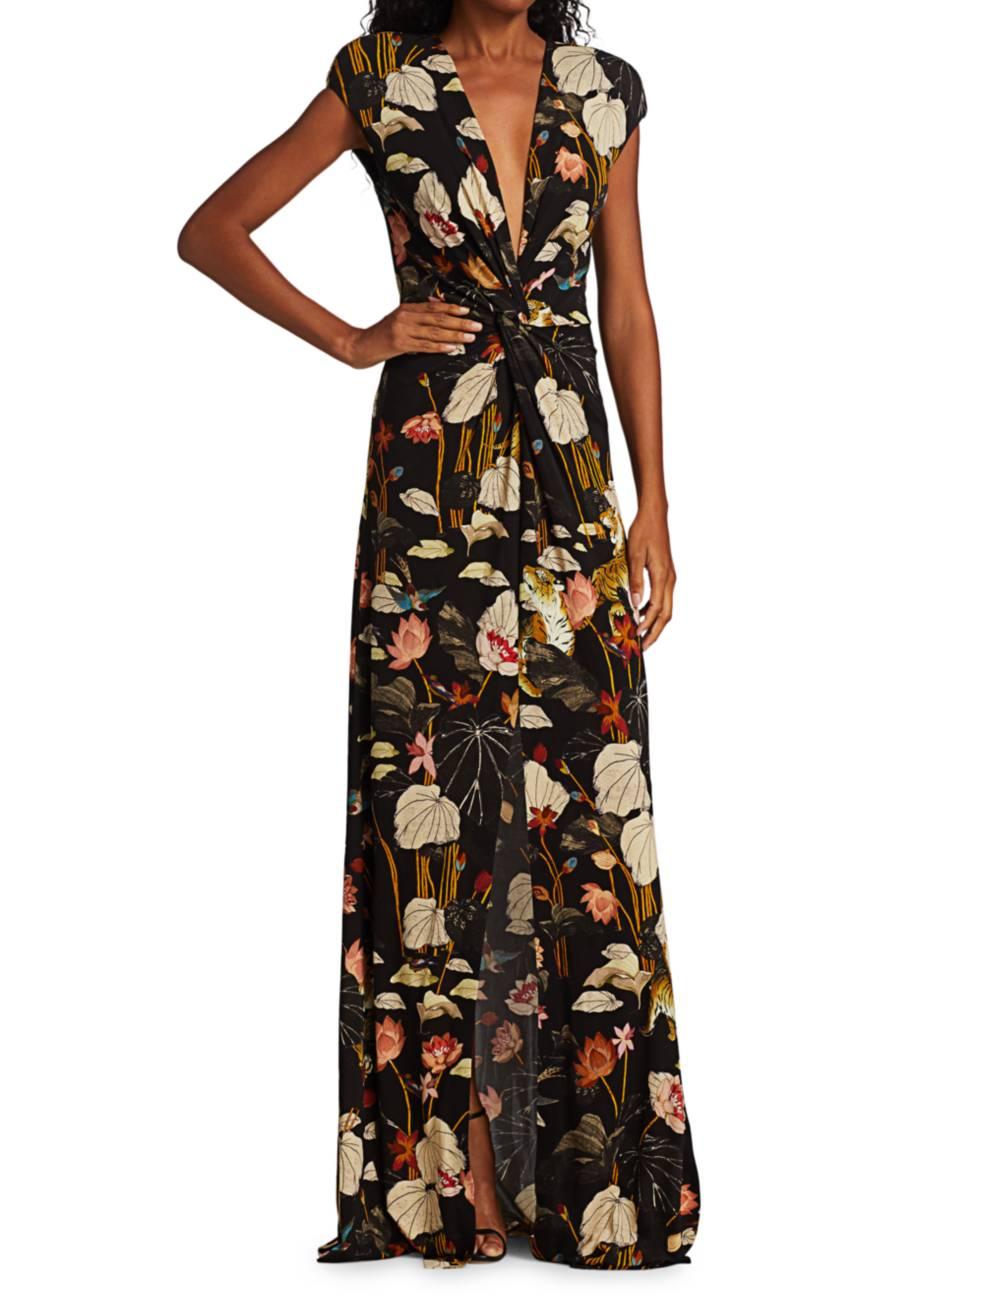 ETRO Lungo Pothia Floral Jersey Maxi Dress